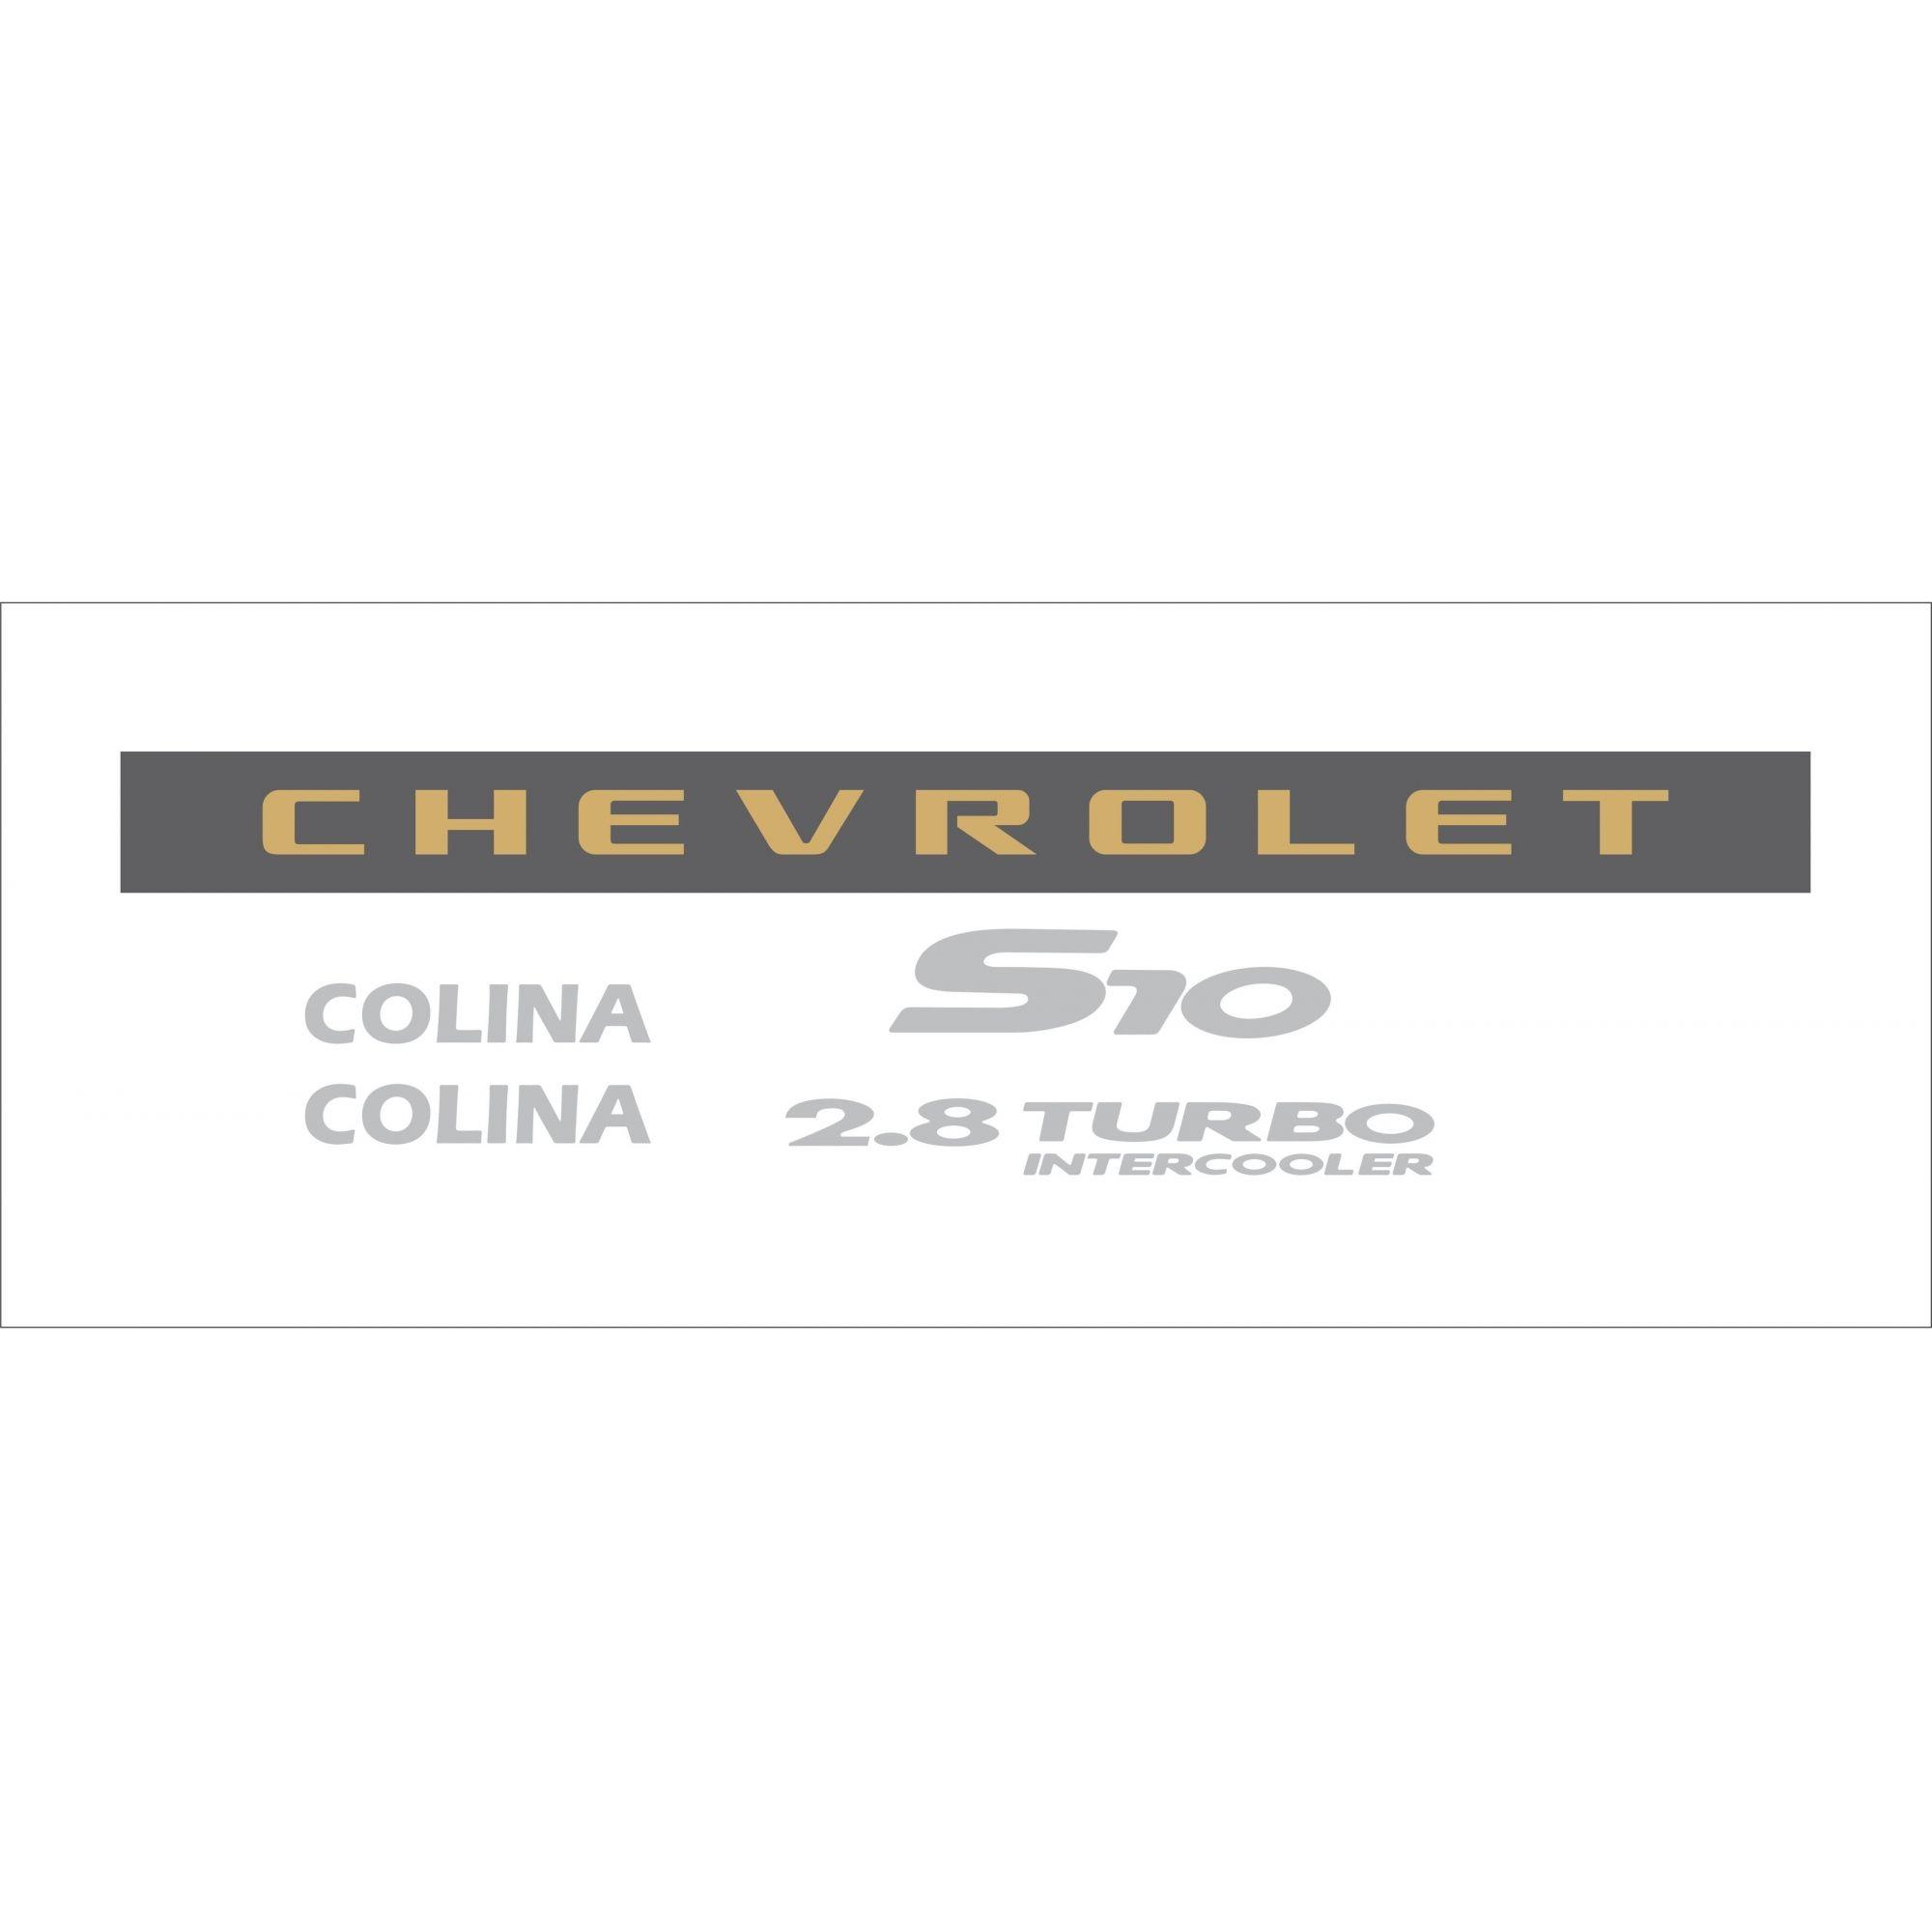 Kit Adesivo Chevrolet S10 Colina 2006 Prata S10kit45